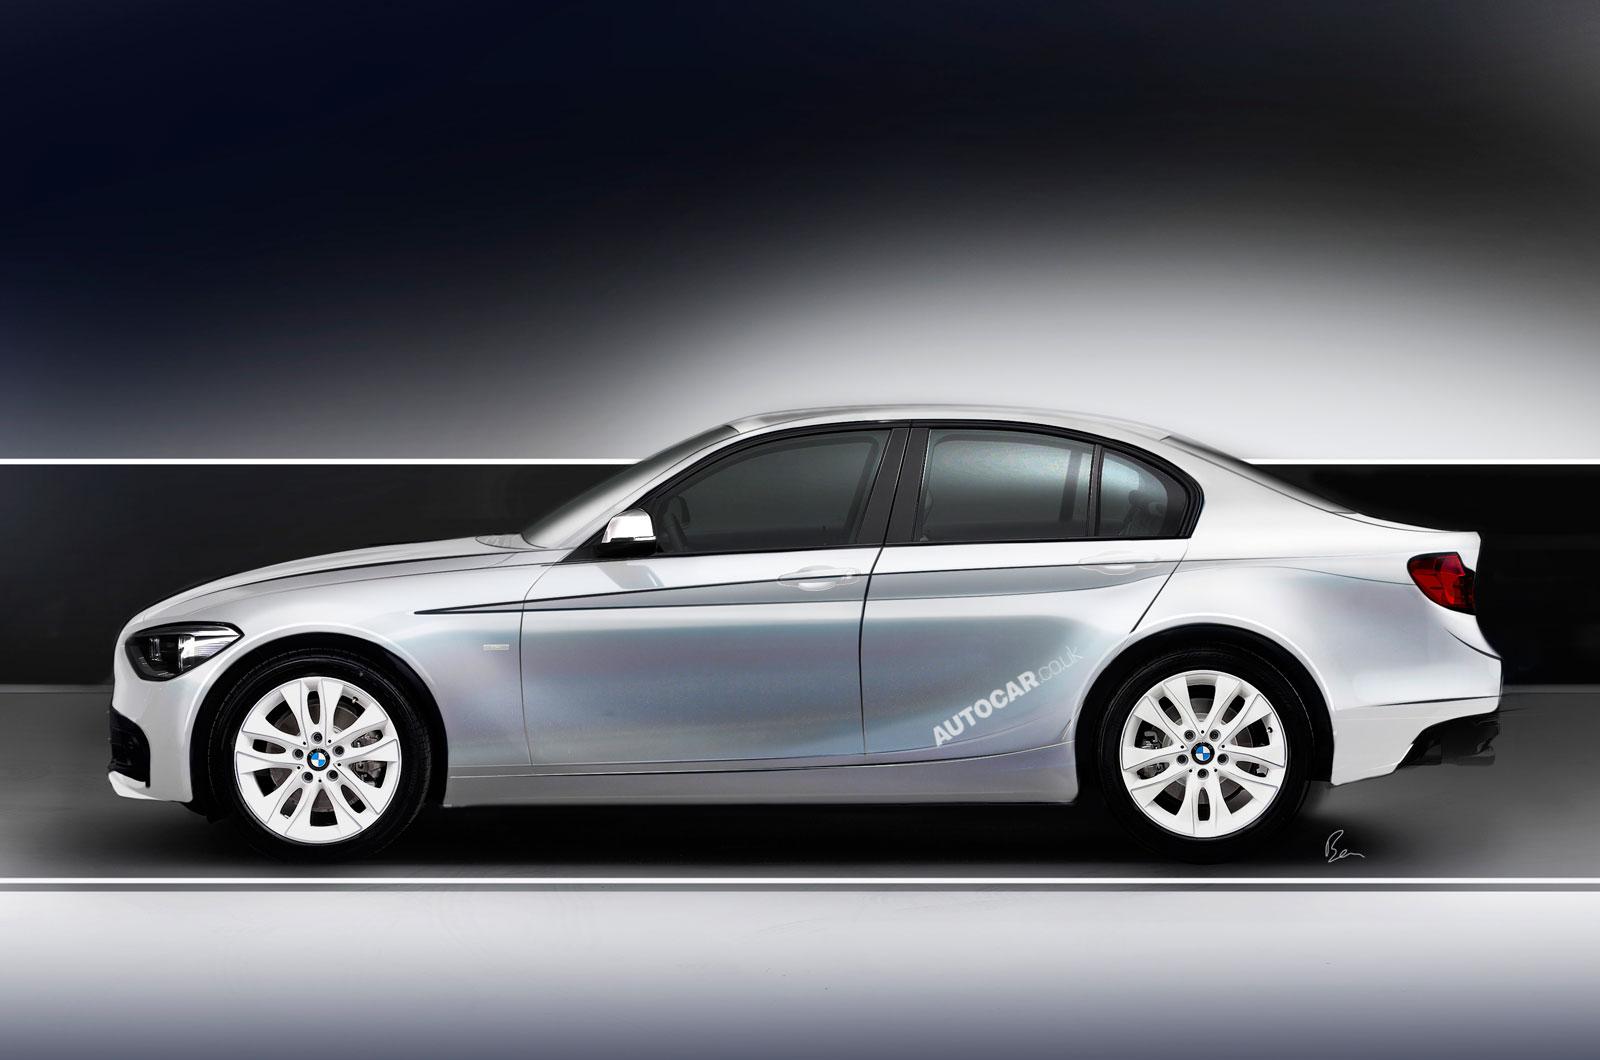 2015 BMW 1 Series Sedan